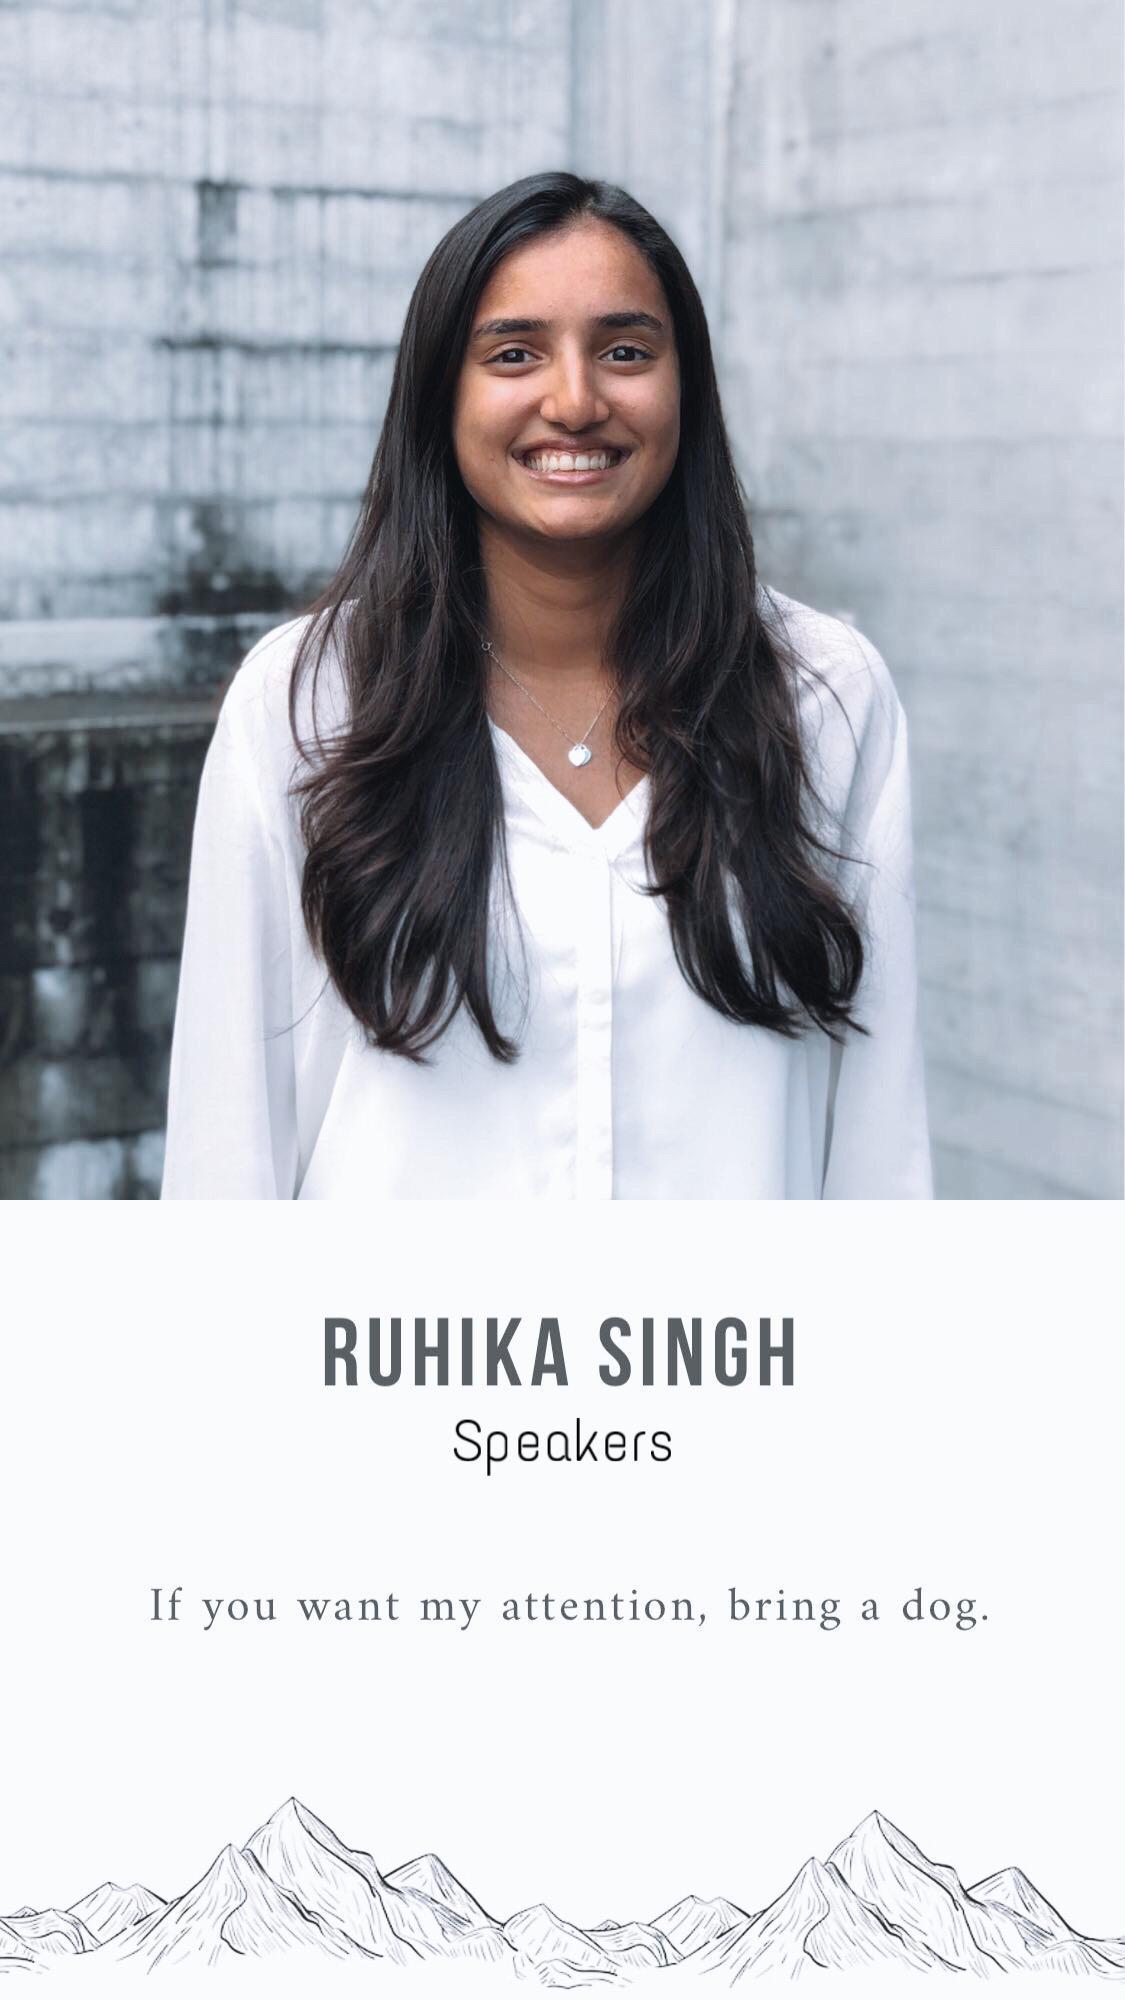 Speakers, Ruhika Singh.jpg